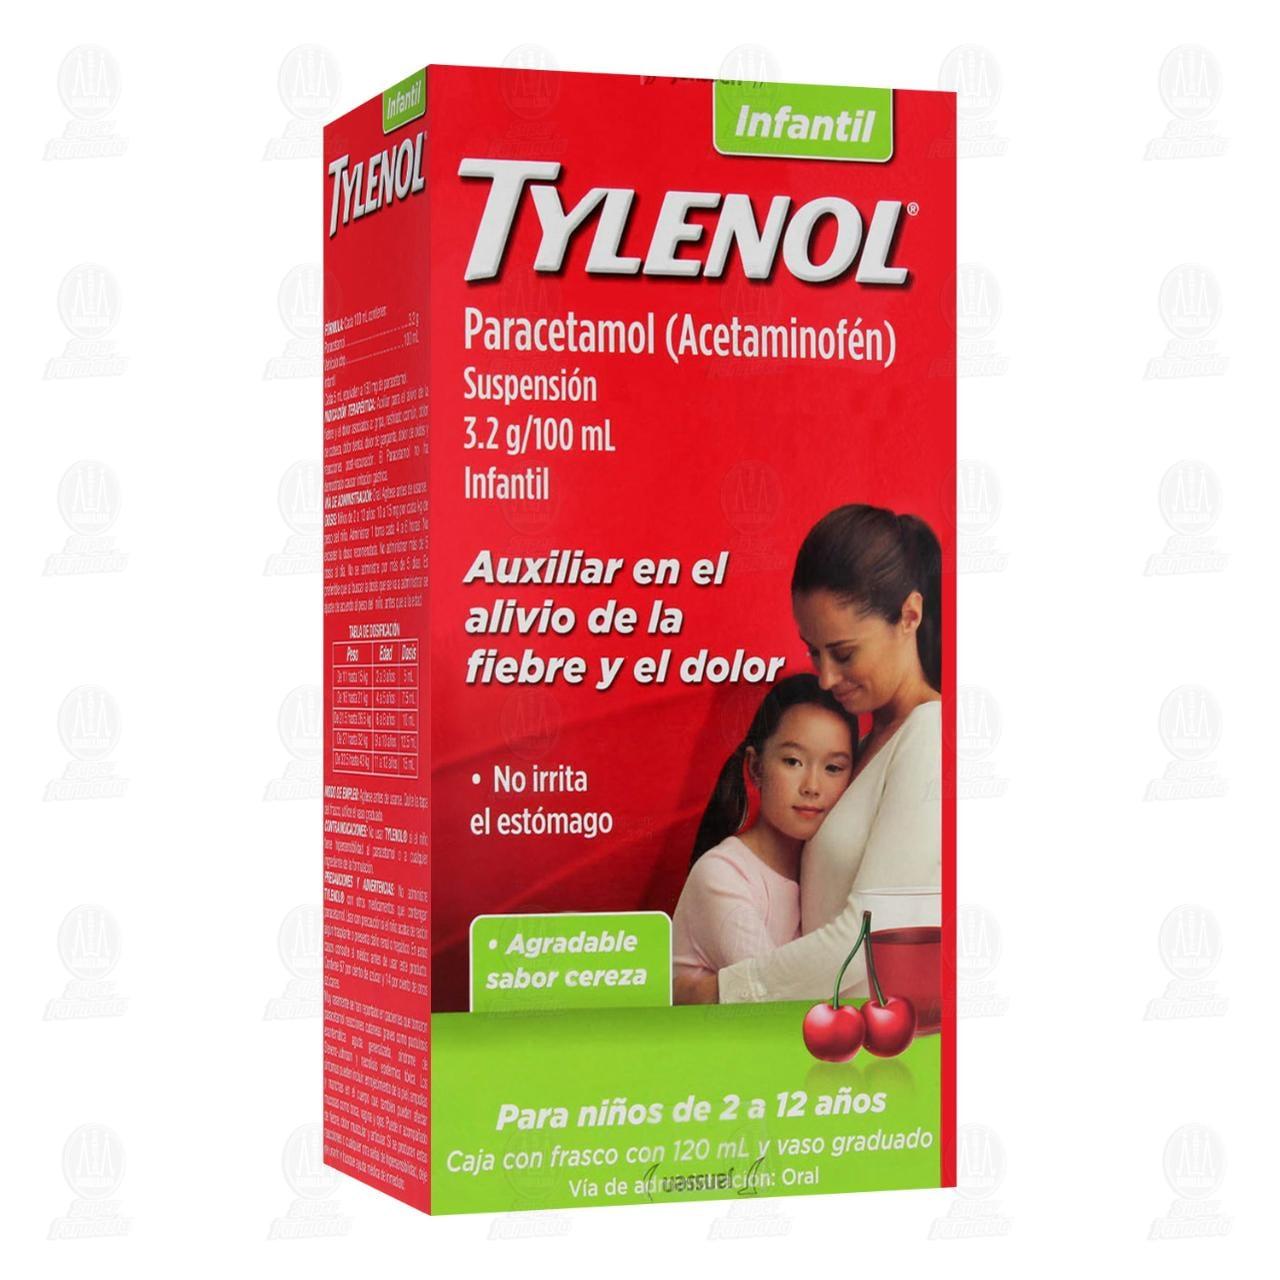 Comprar Tylenol 3.2g/100ml Suspensión Infantil 120ml en Farmacias Guadalajara